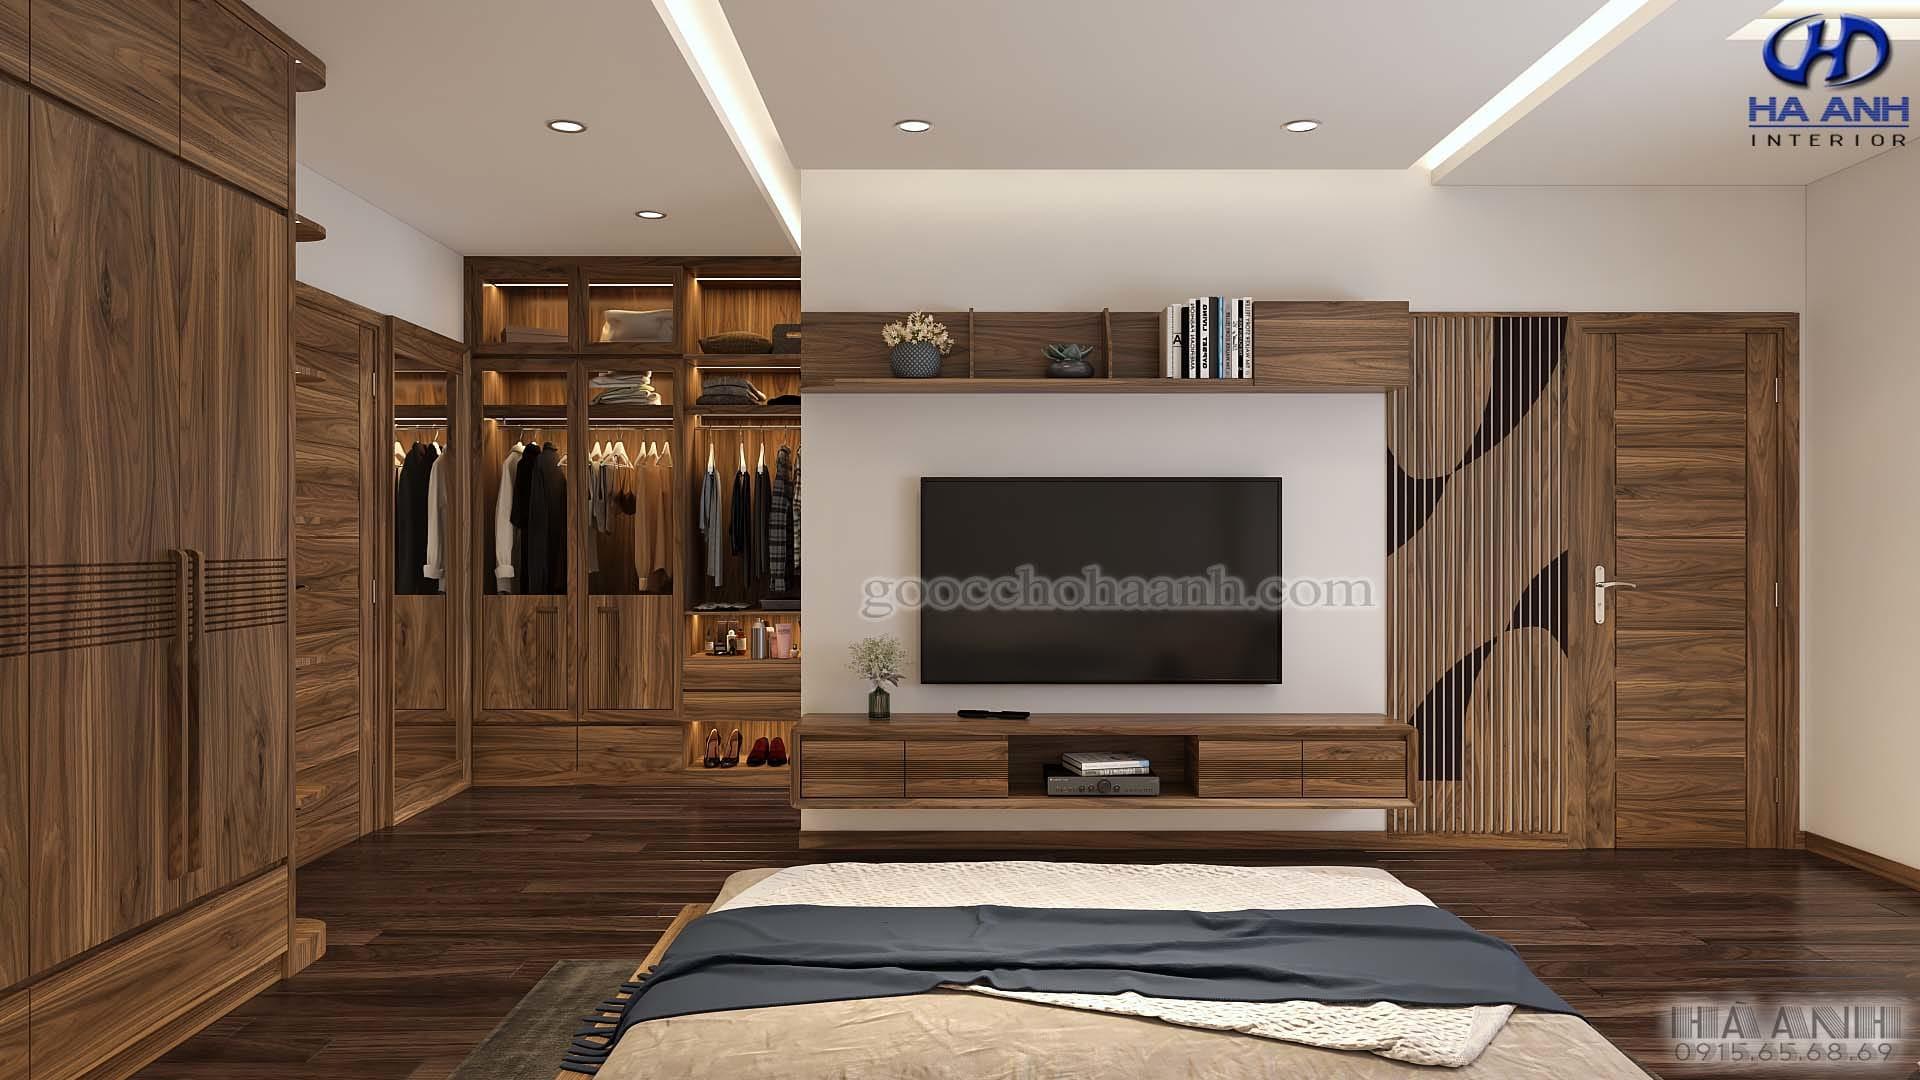 Nội thất gỗ óc chó nhà anh Đức - Hải Phòng